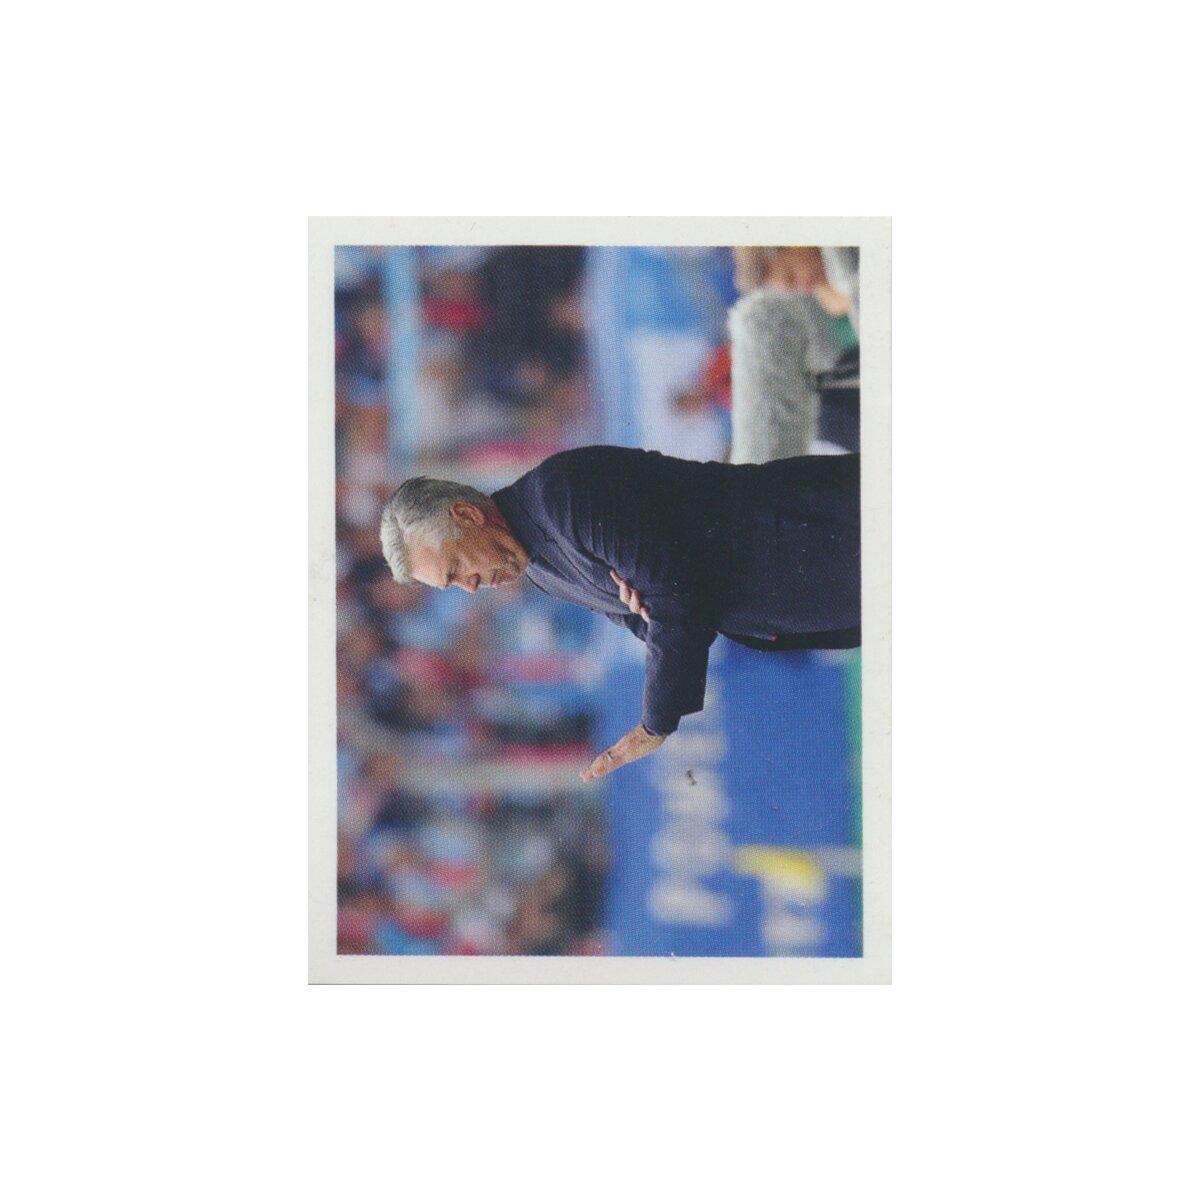 Sticker 19 BAM1718 Carlo Ancelotti Panini FC Bayern München 2017//18